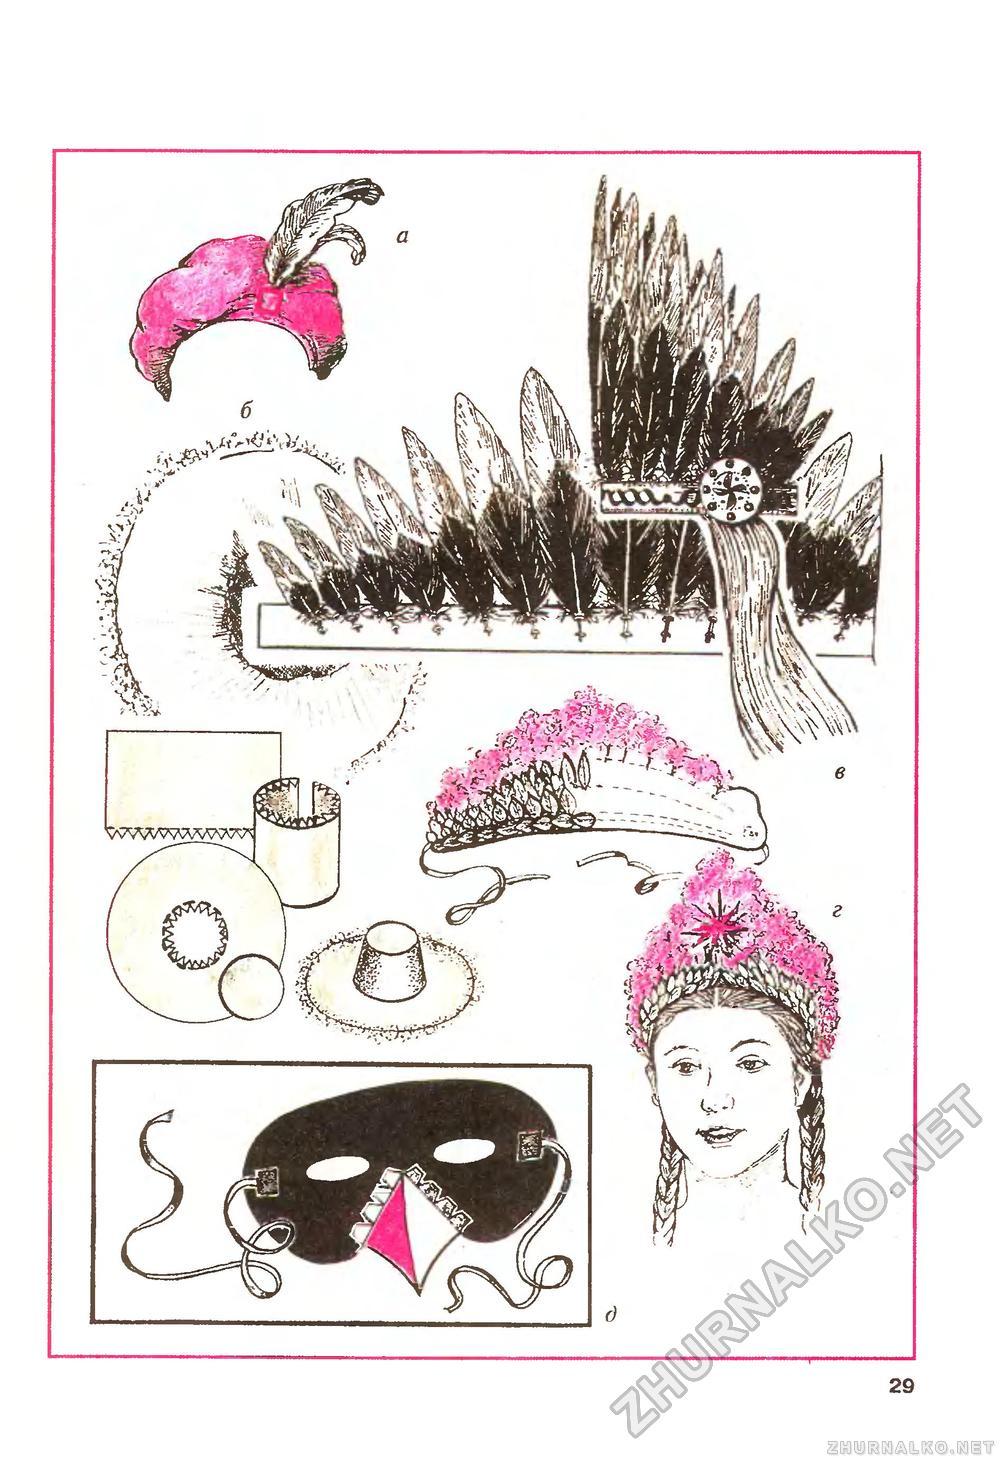 Как сделать шапку из бумаги - 5 схем и инструкция